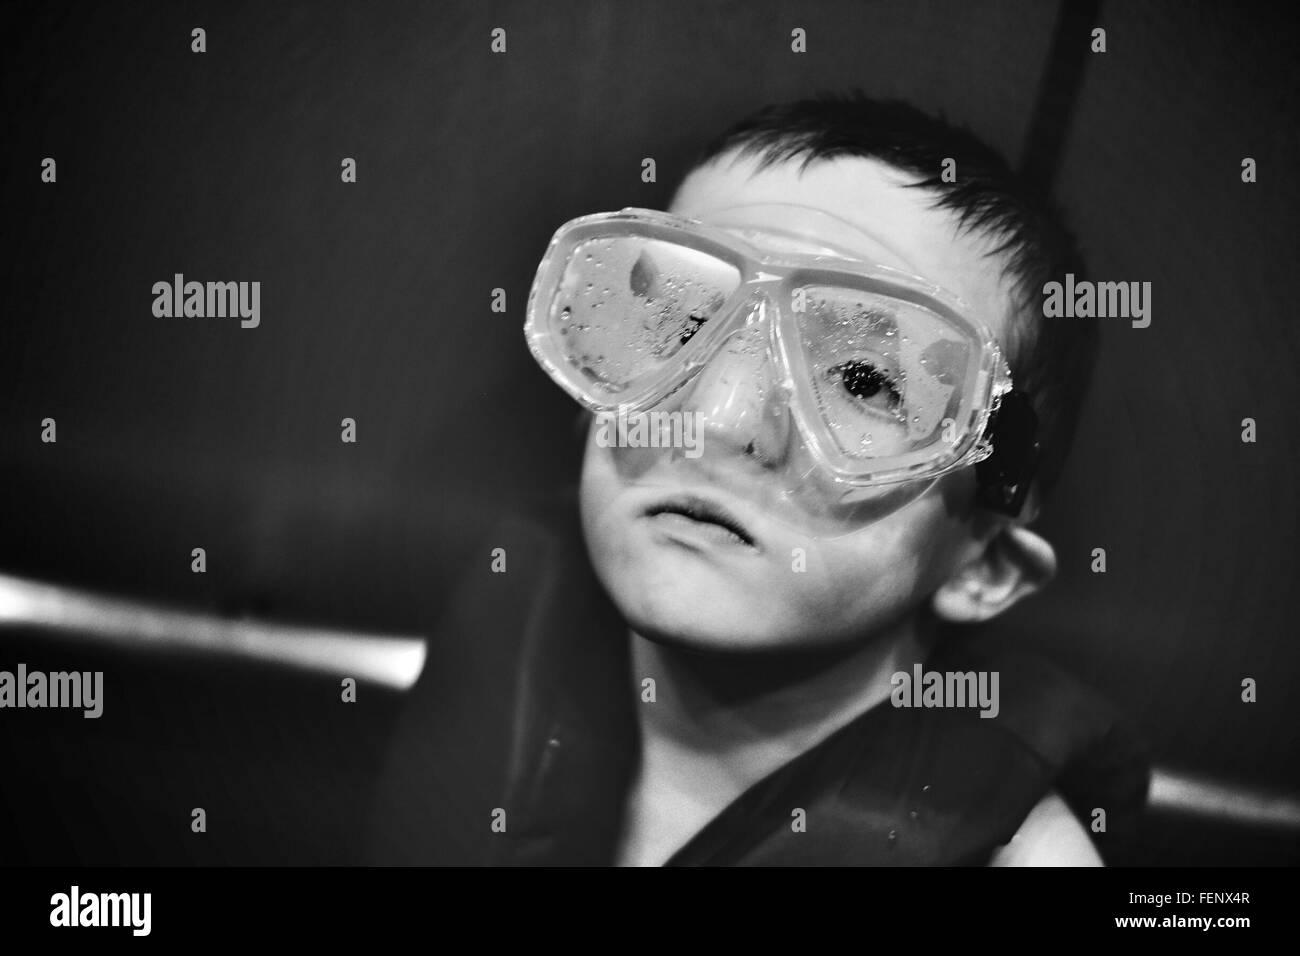 Primer plano del niño con gafas de natación Imagen De Stock